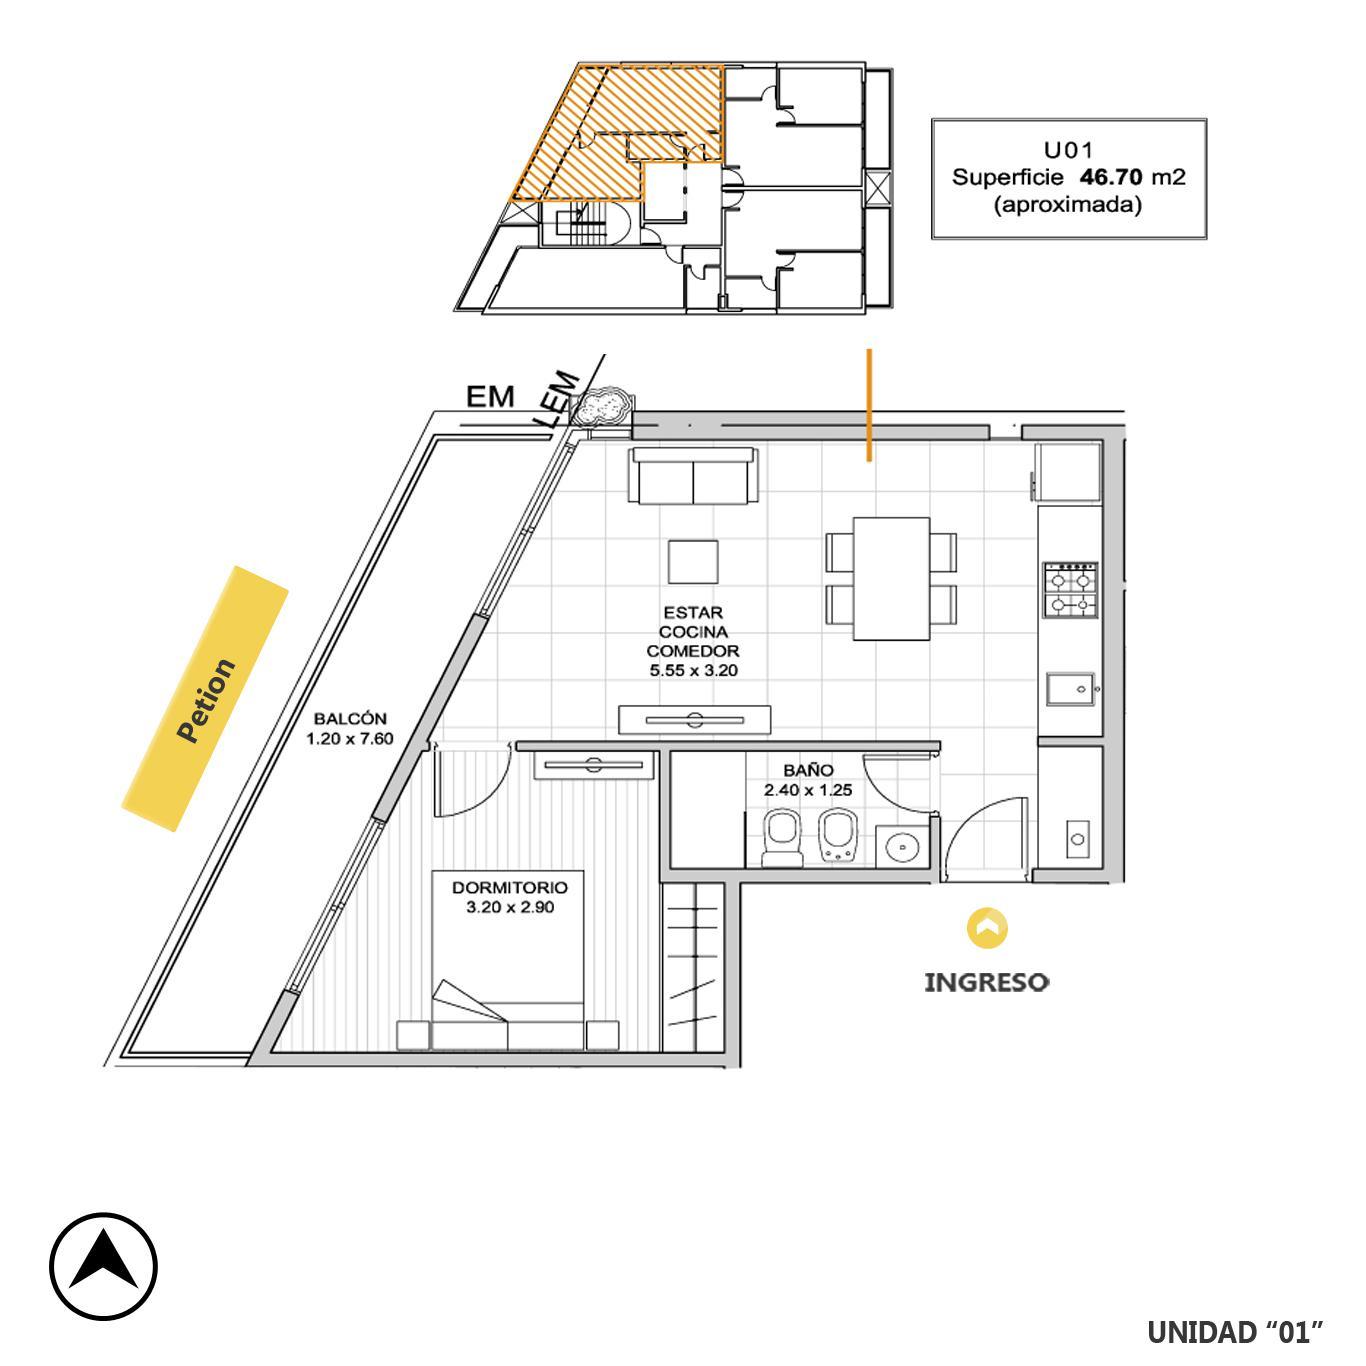 Venta departamento 1 dormitorio Rosario, Remedios De Escalada De San Martin. Cod CBU23216 AP2197202. Crestale Propiedades